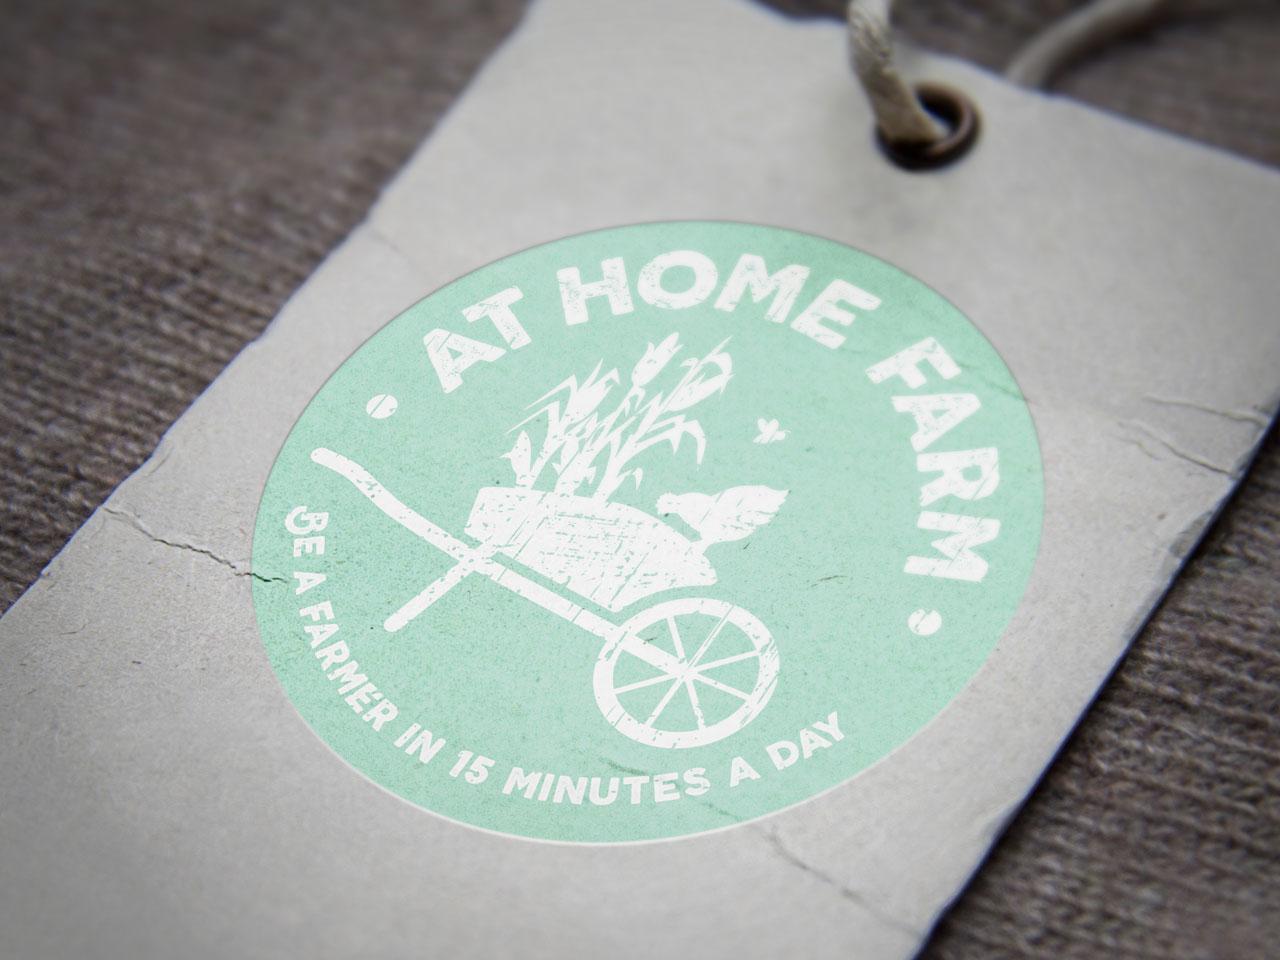 AT HOME FARM - Brand Identity Design